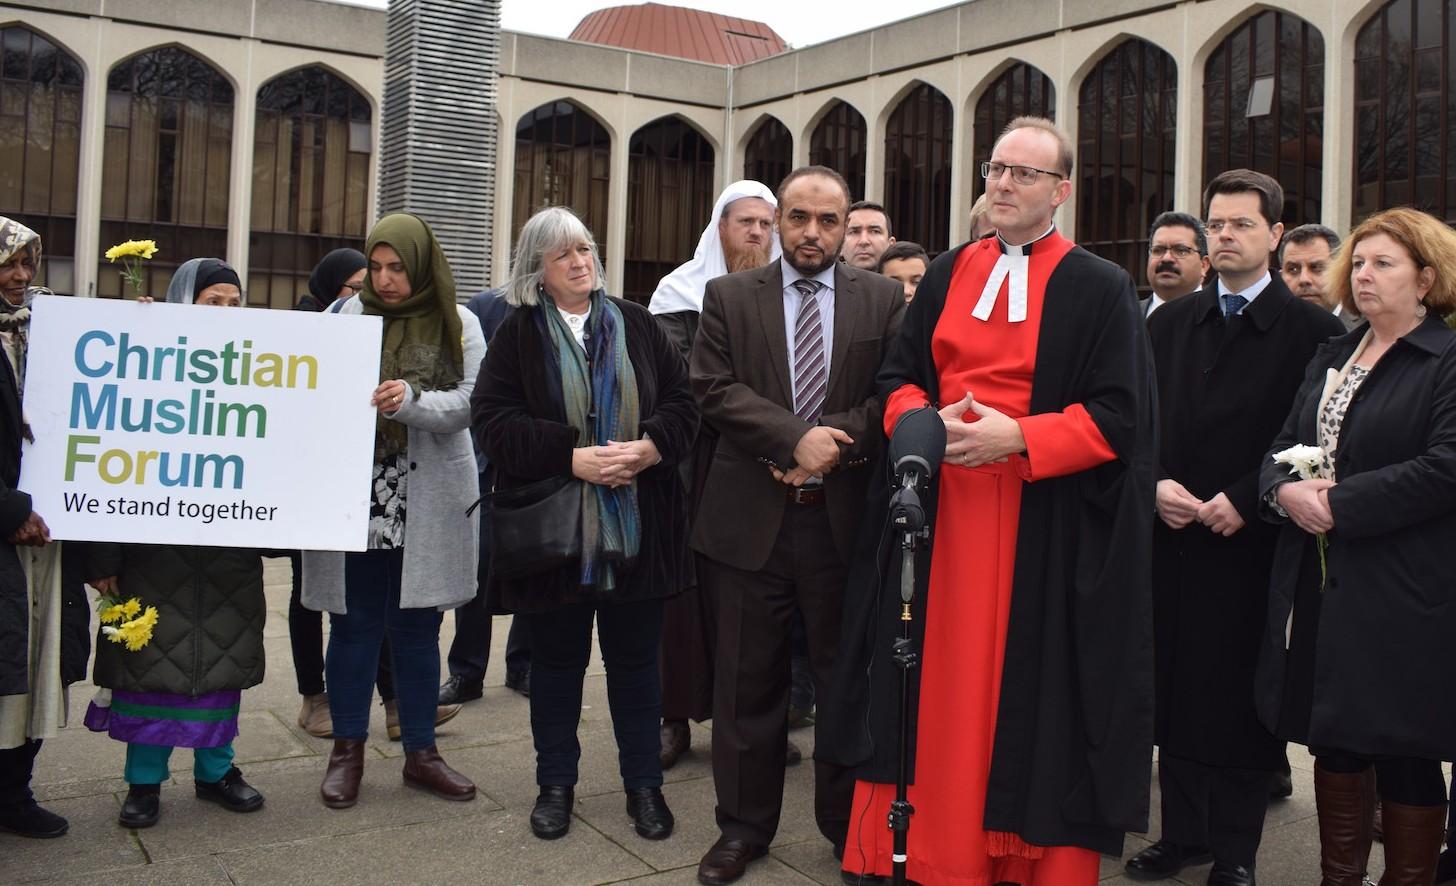 جانب من التجمع الذي نظمه المركز الاسلامي في لندن للتنديد باعتداء نيوزيلاندا